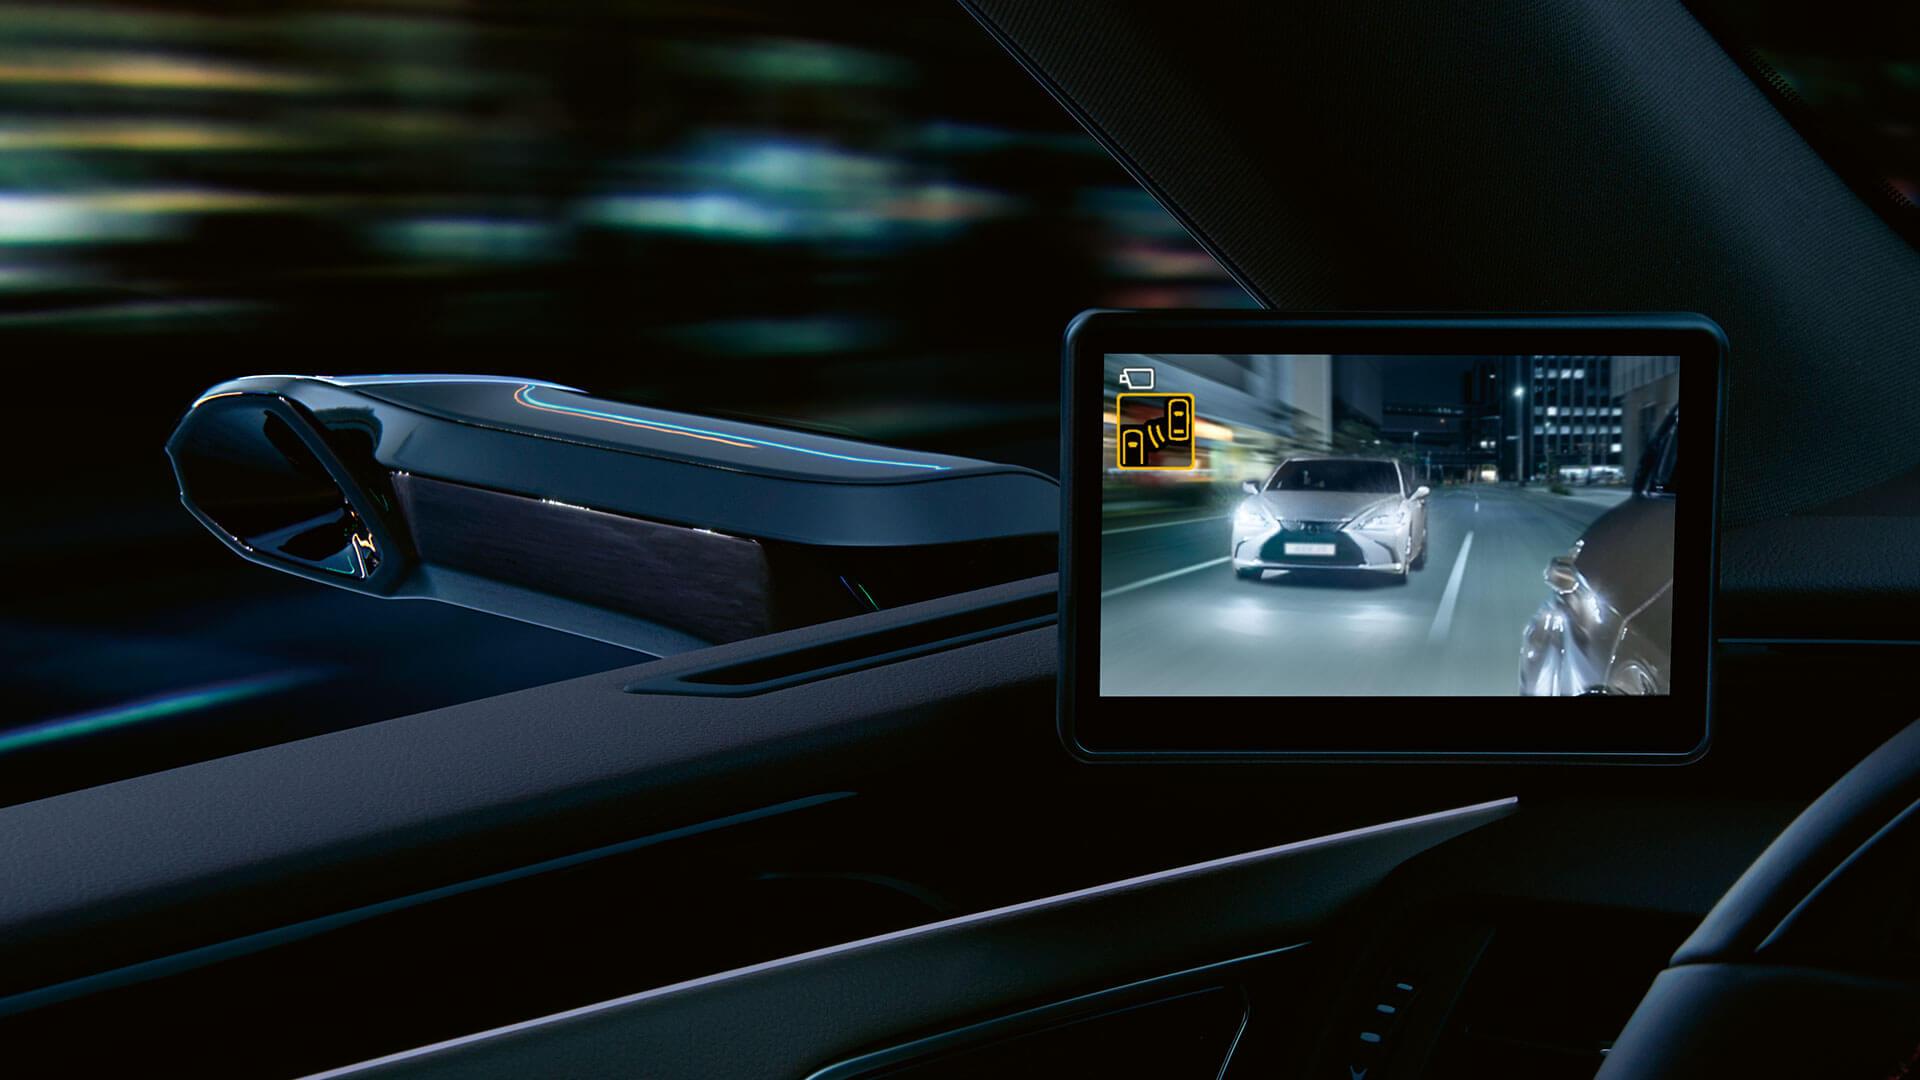 2020 lexus es gallery digital mirror 03